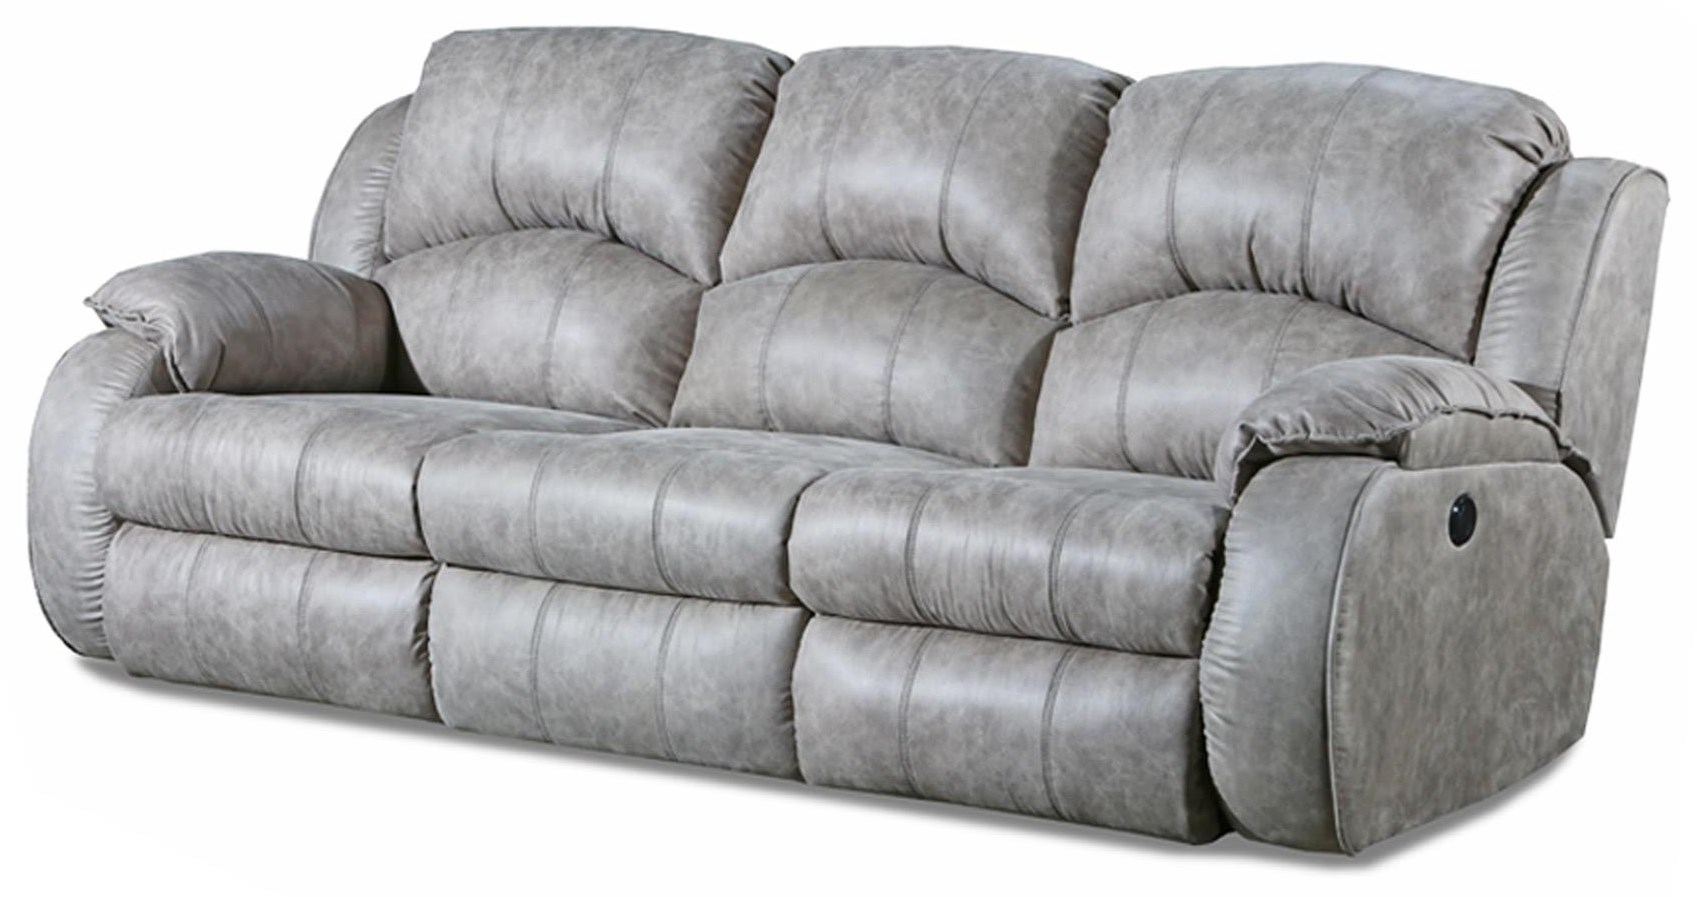 705 173-09 Power Reclining Sofa by Southern Motion at Furniture Fair - North Carolina